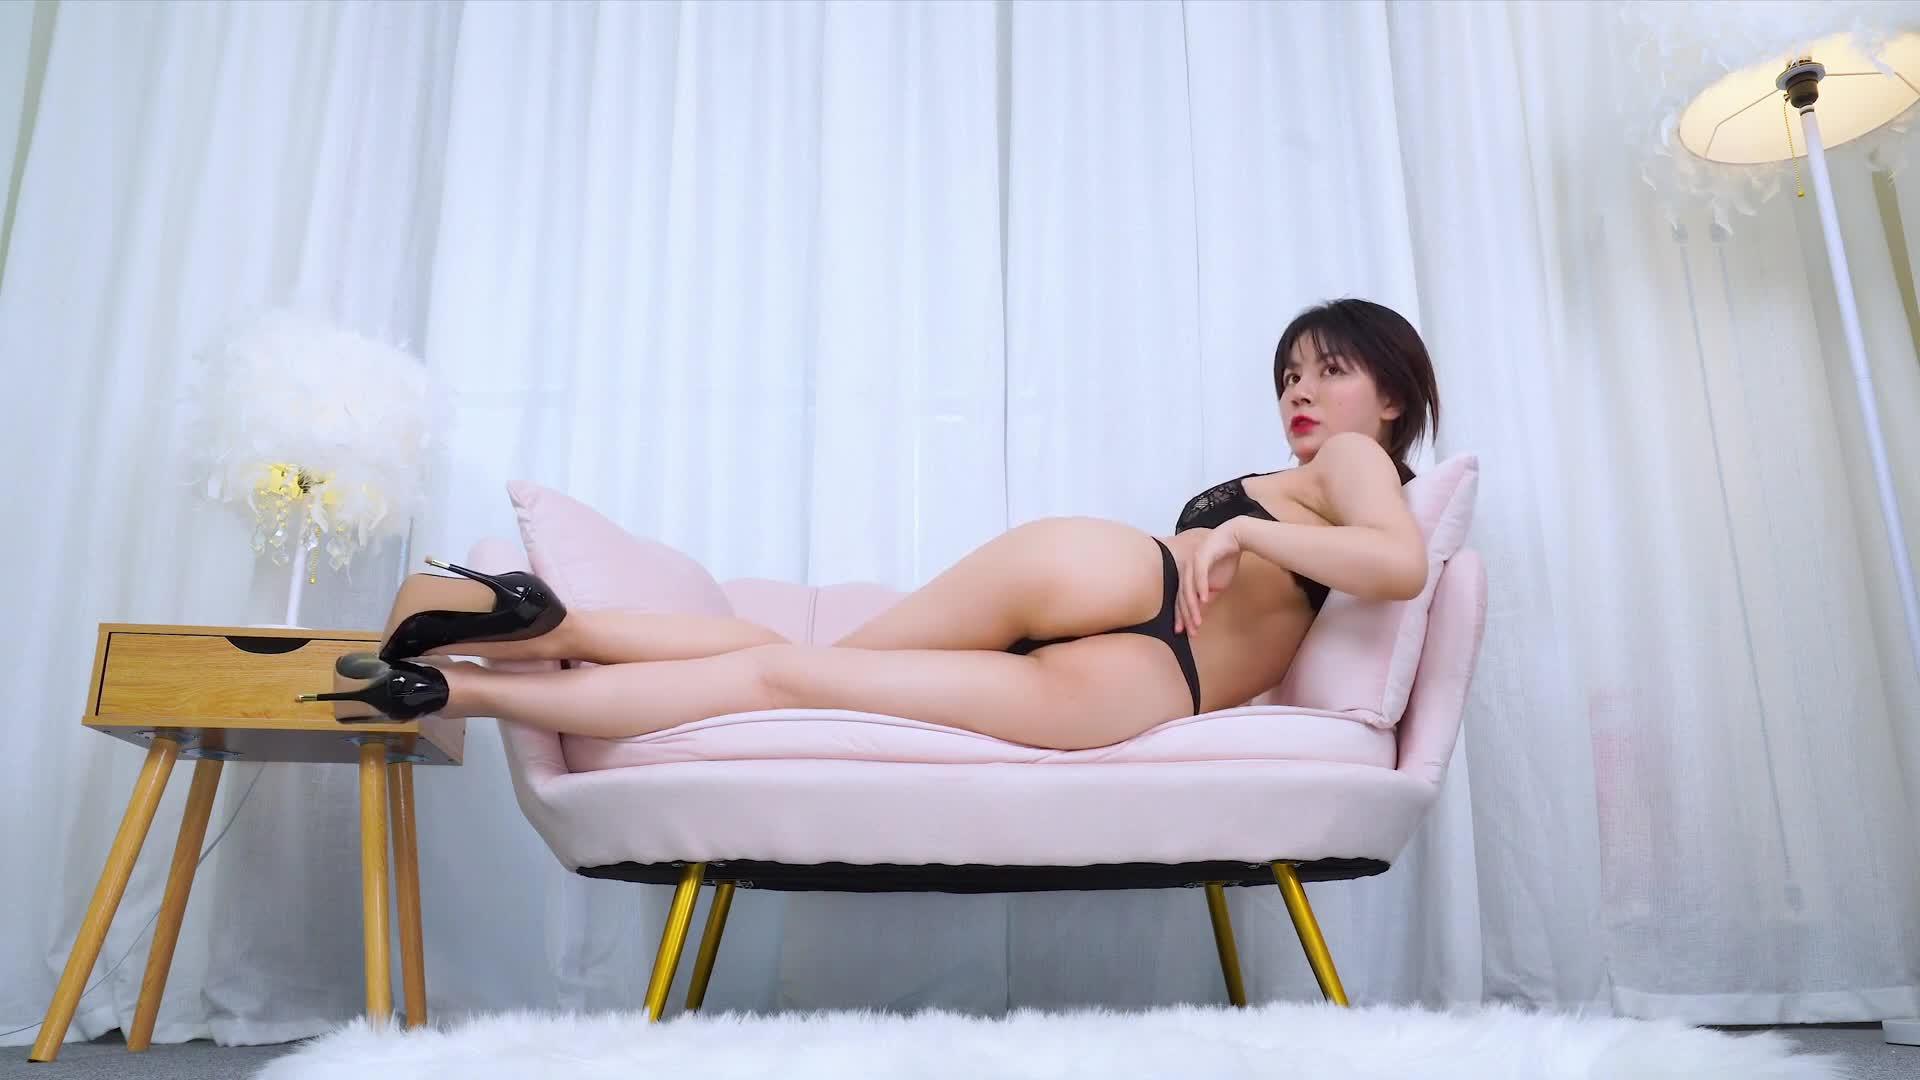 51限定版4K维拉Villa可儿沙发上性感慢摇热舞 1080p